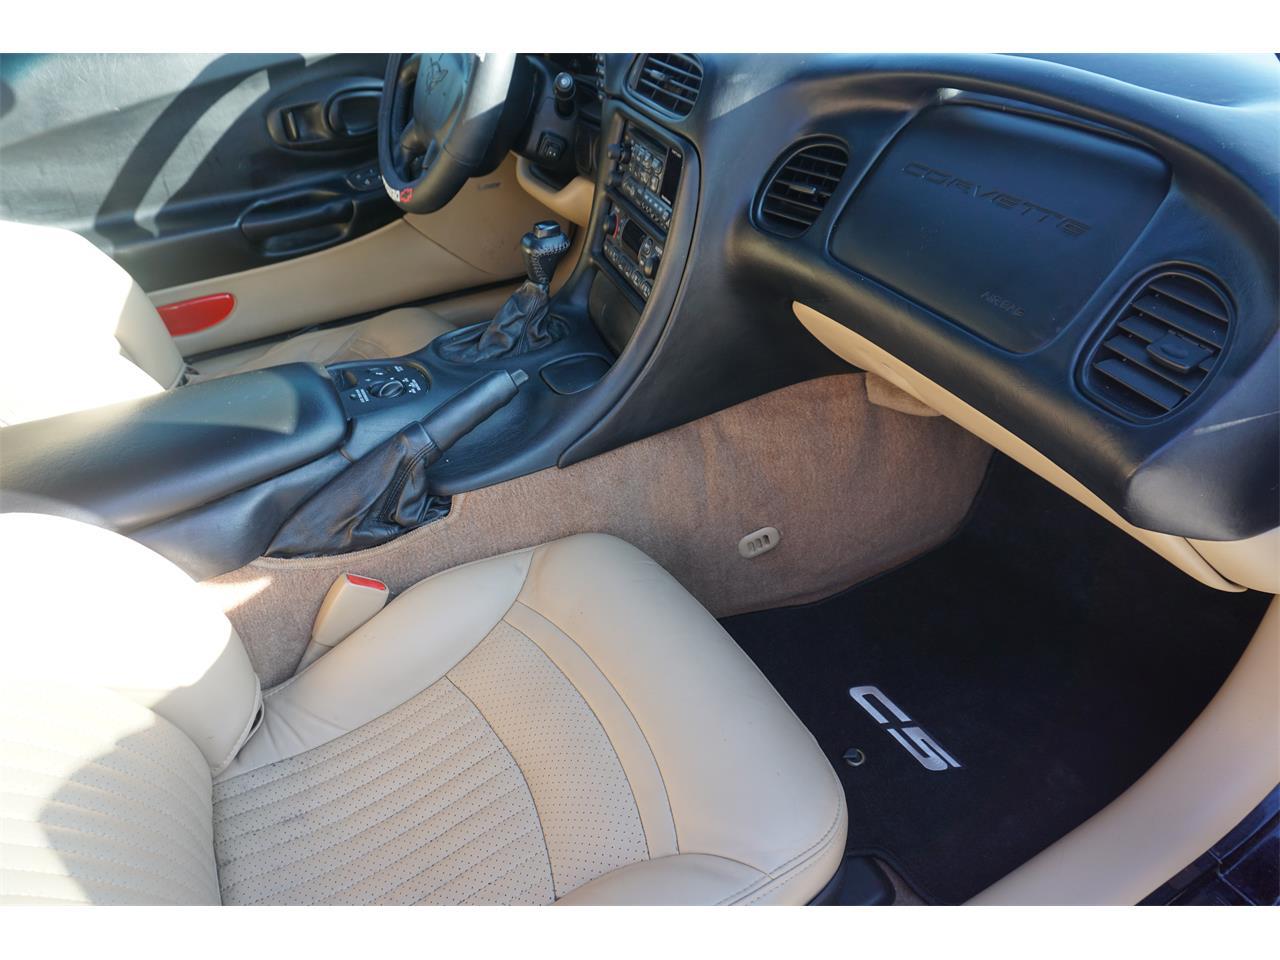 Large Picture of 2002 Corvette located in Colorado - $15,000.00 - Q8JM